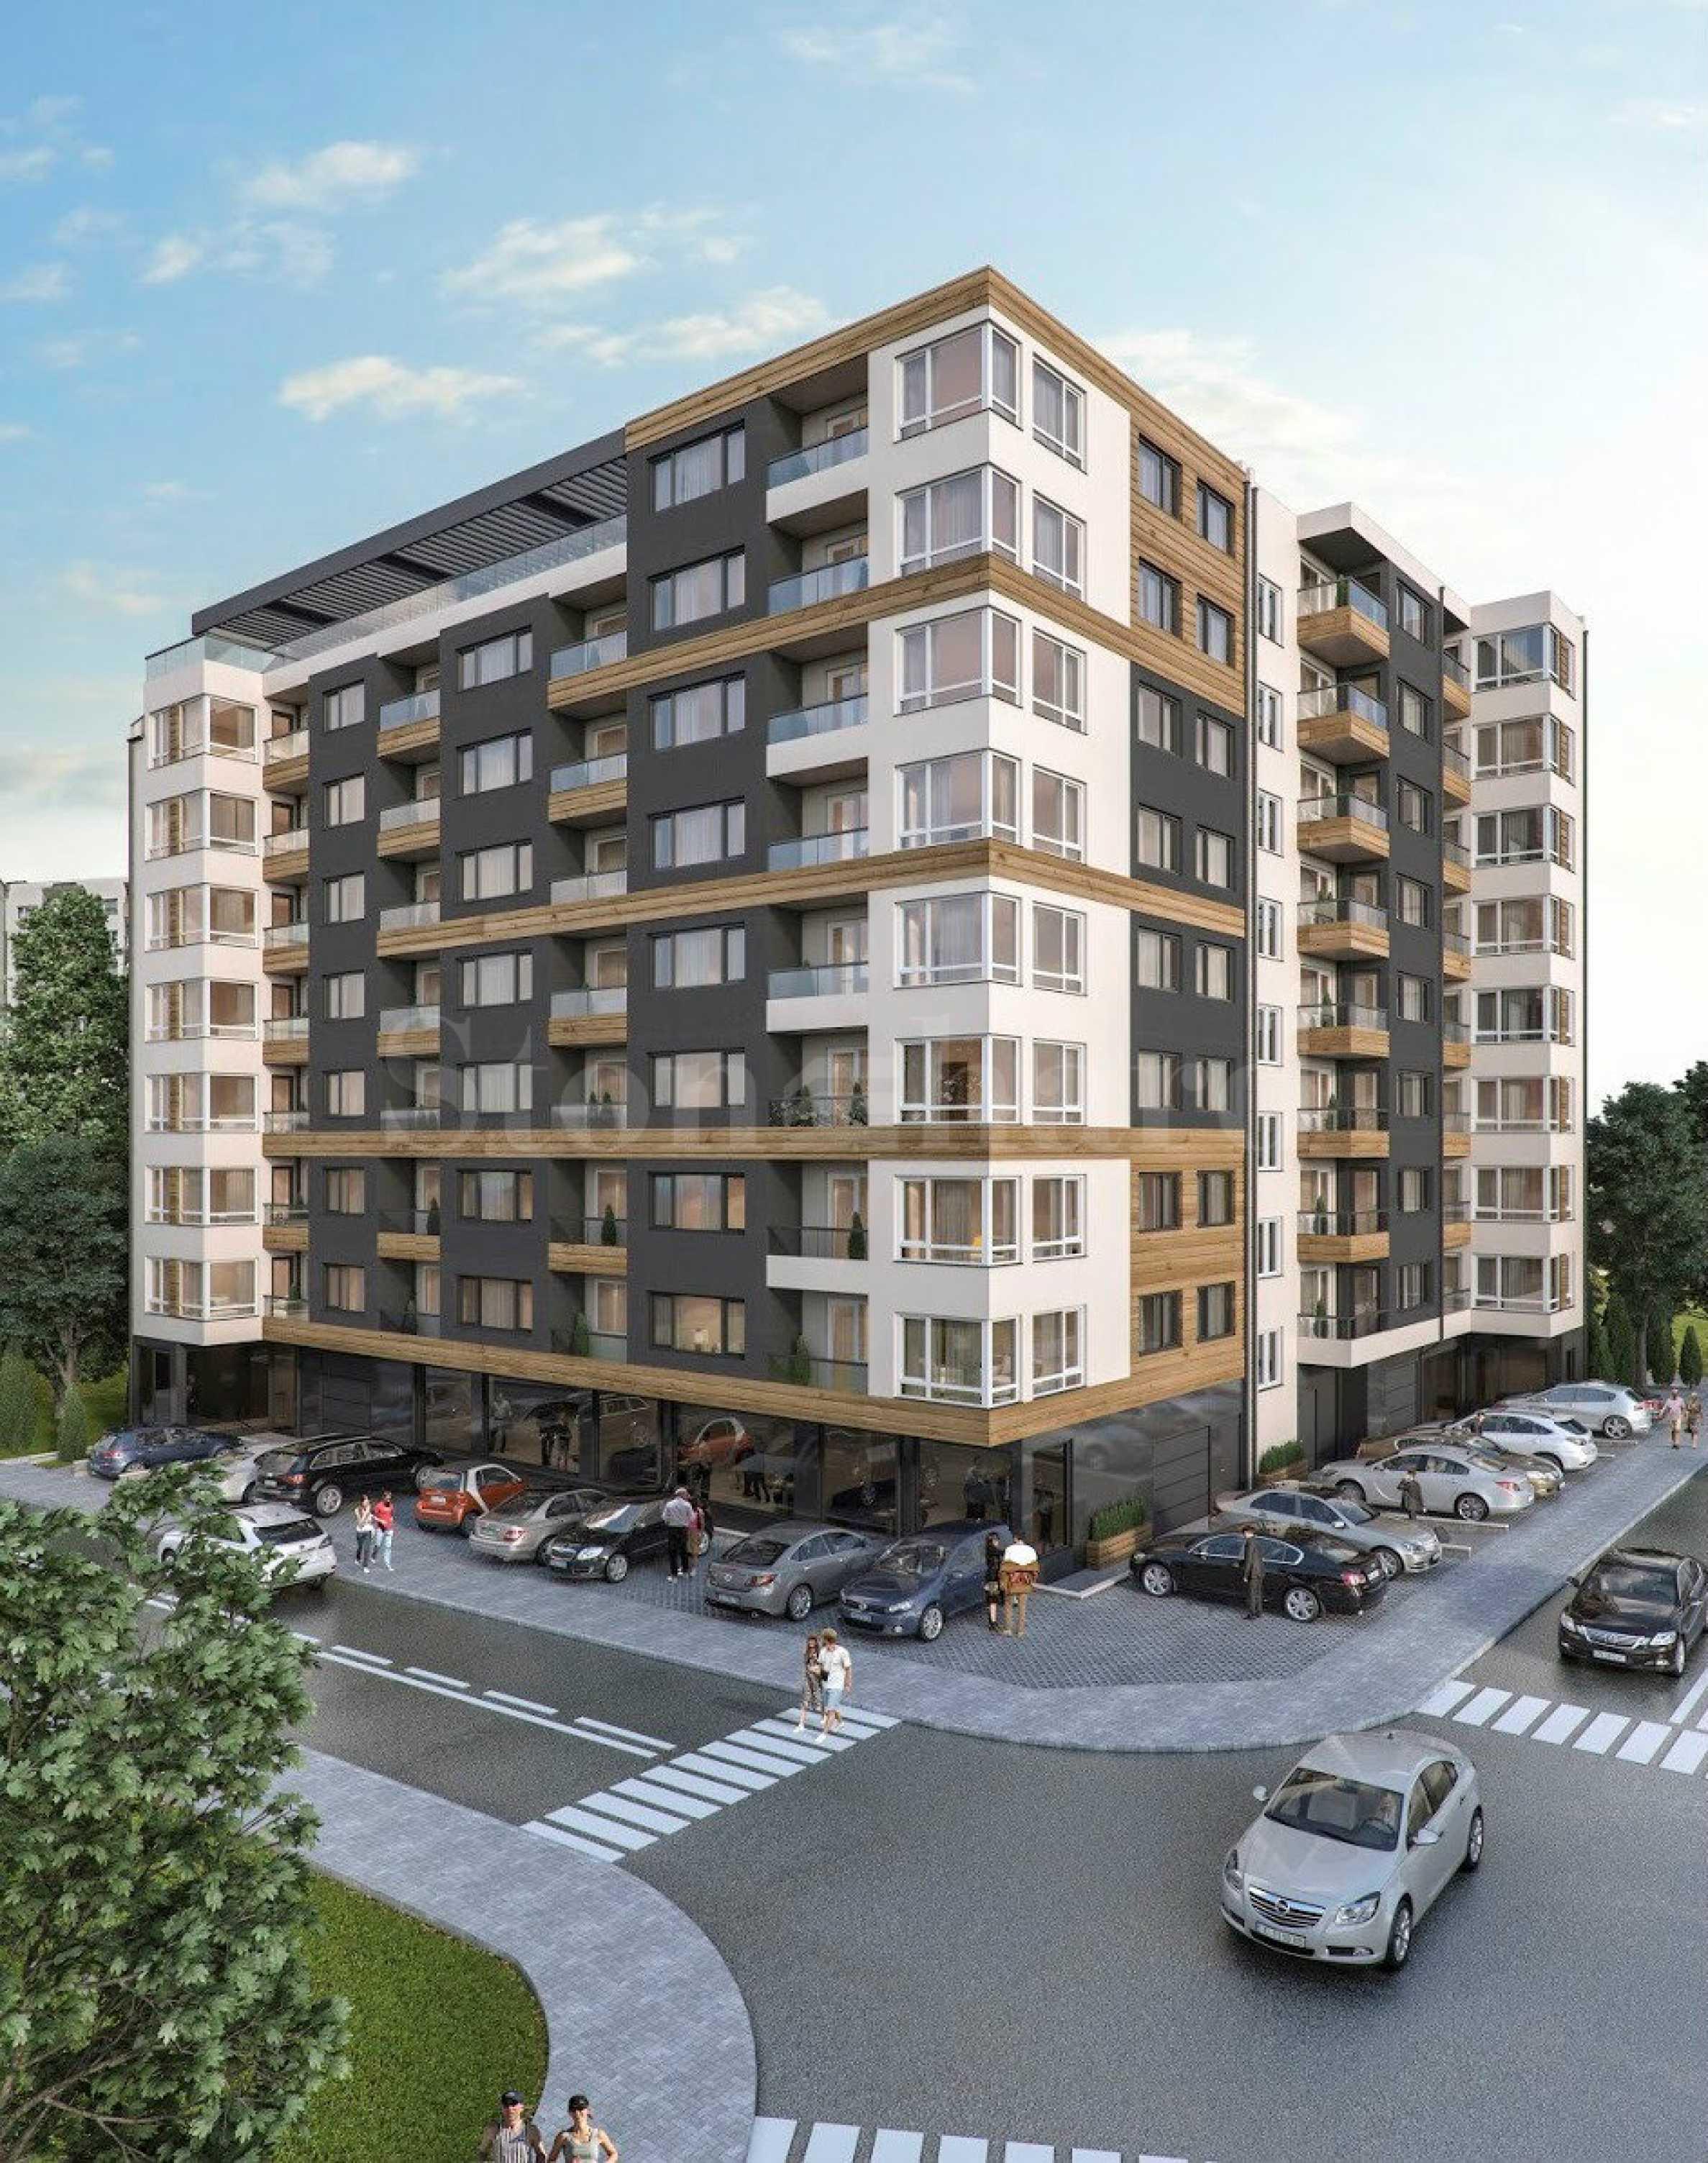 Нови апартаменти в жилищна сграда в ж.к. Кайсиева градина, Варна1 - Stonehard